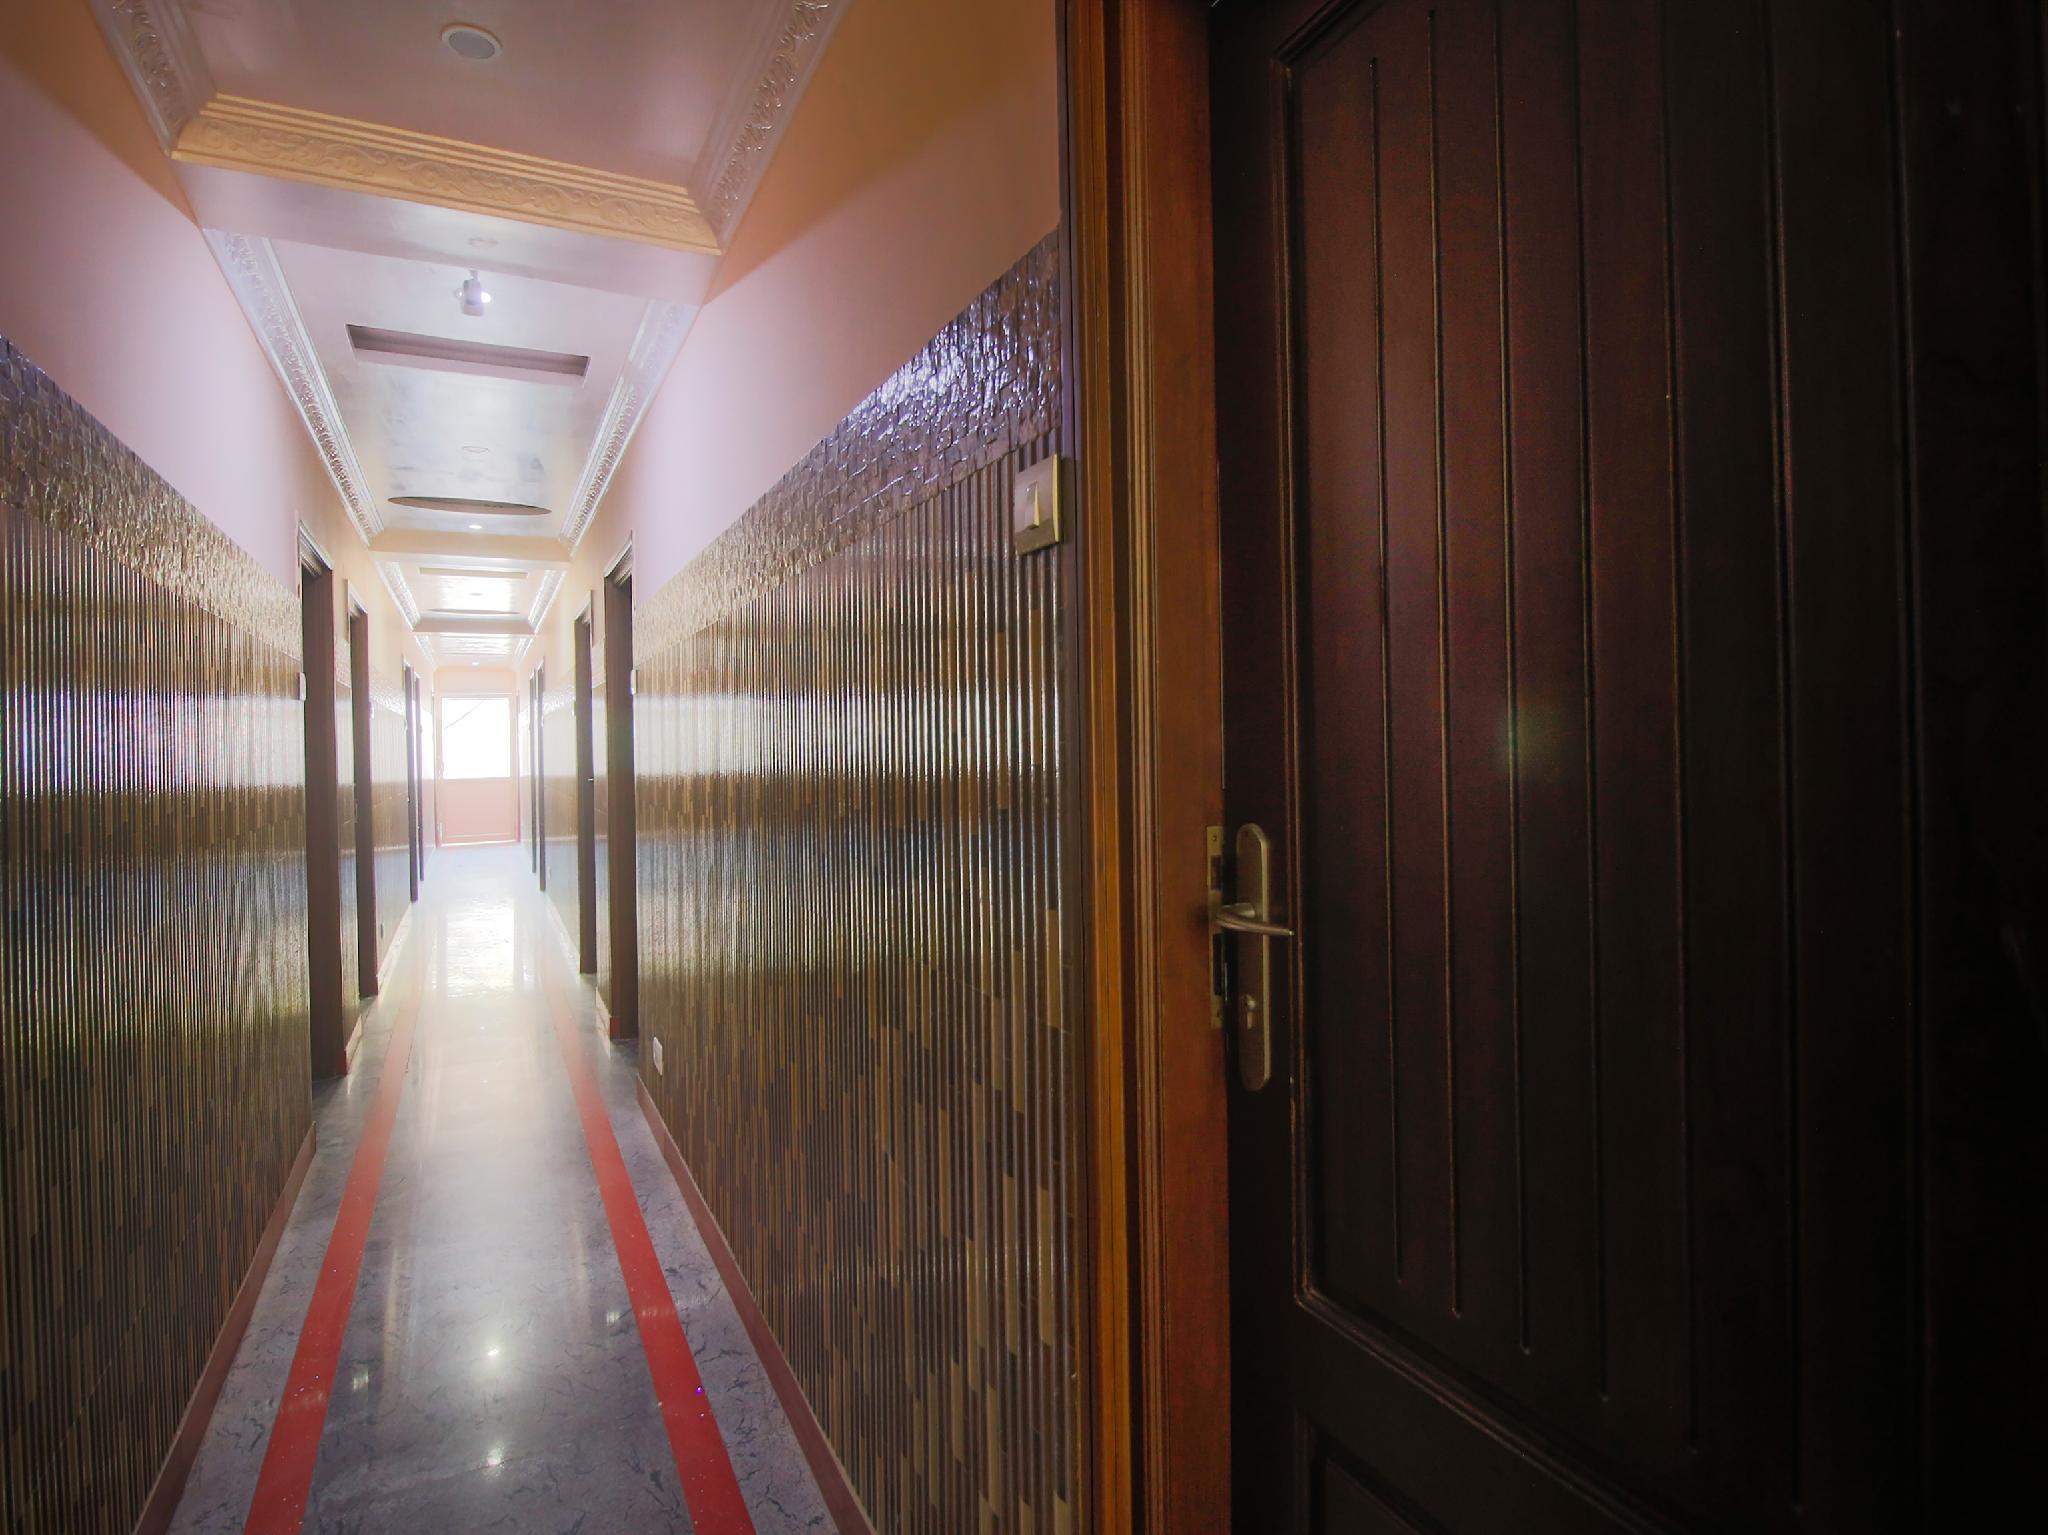 OYO 35975 Npk Residency, Tirunelveli